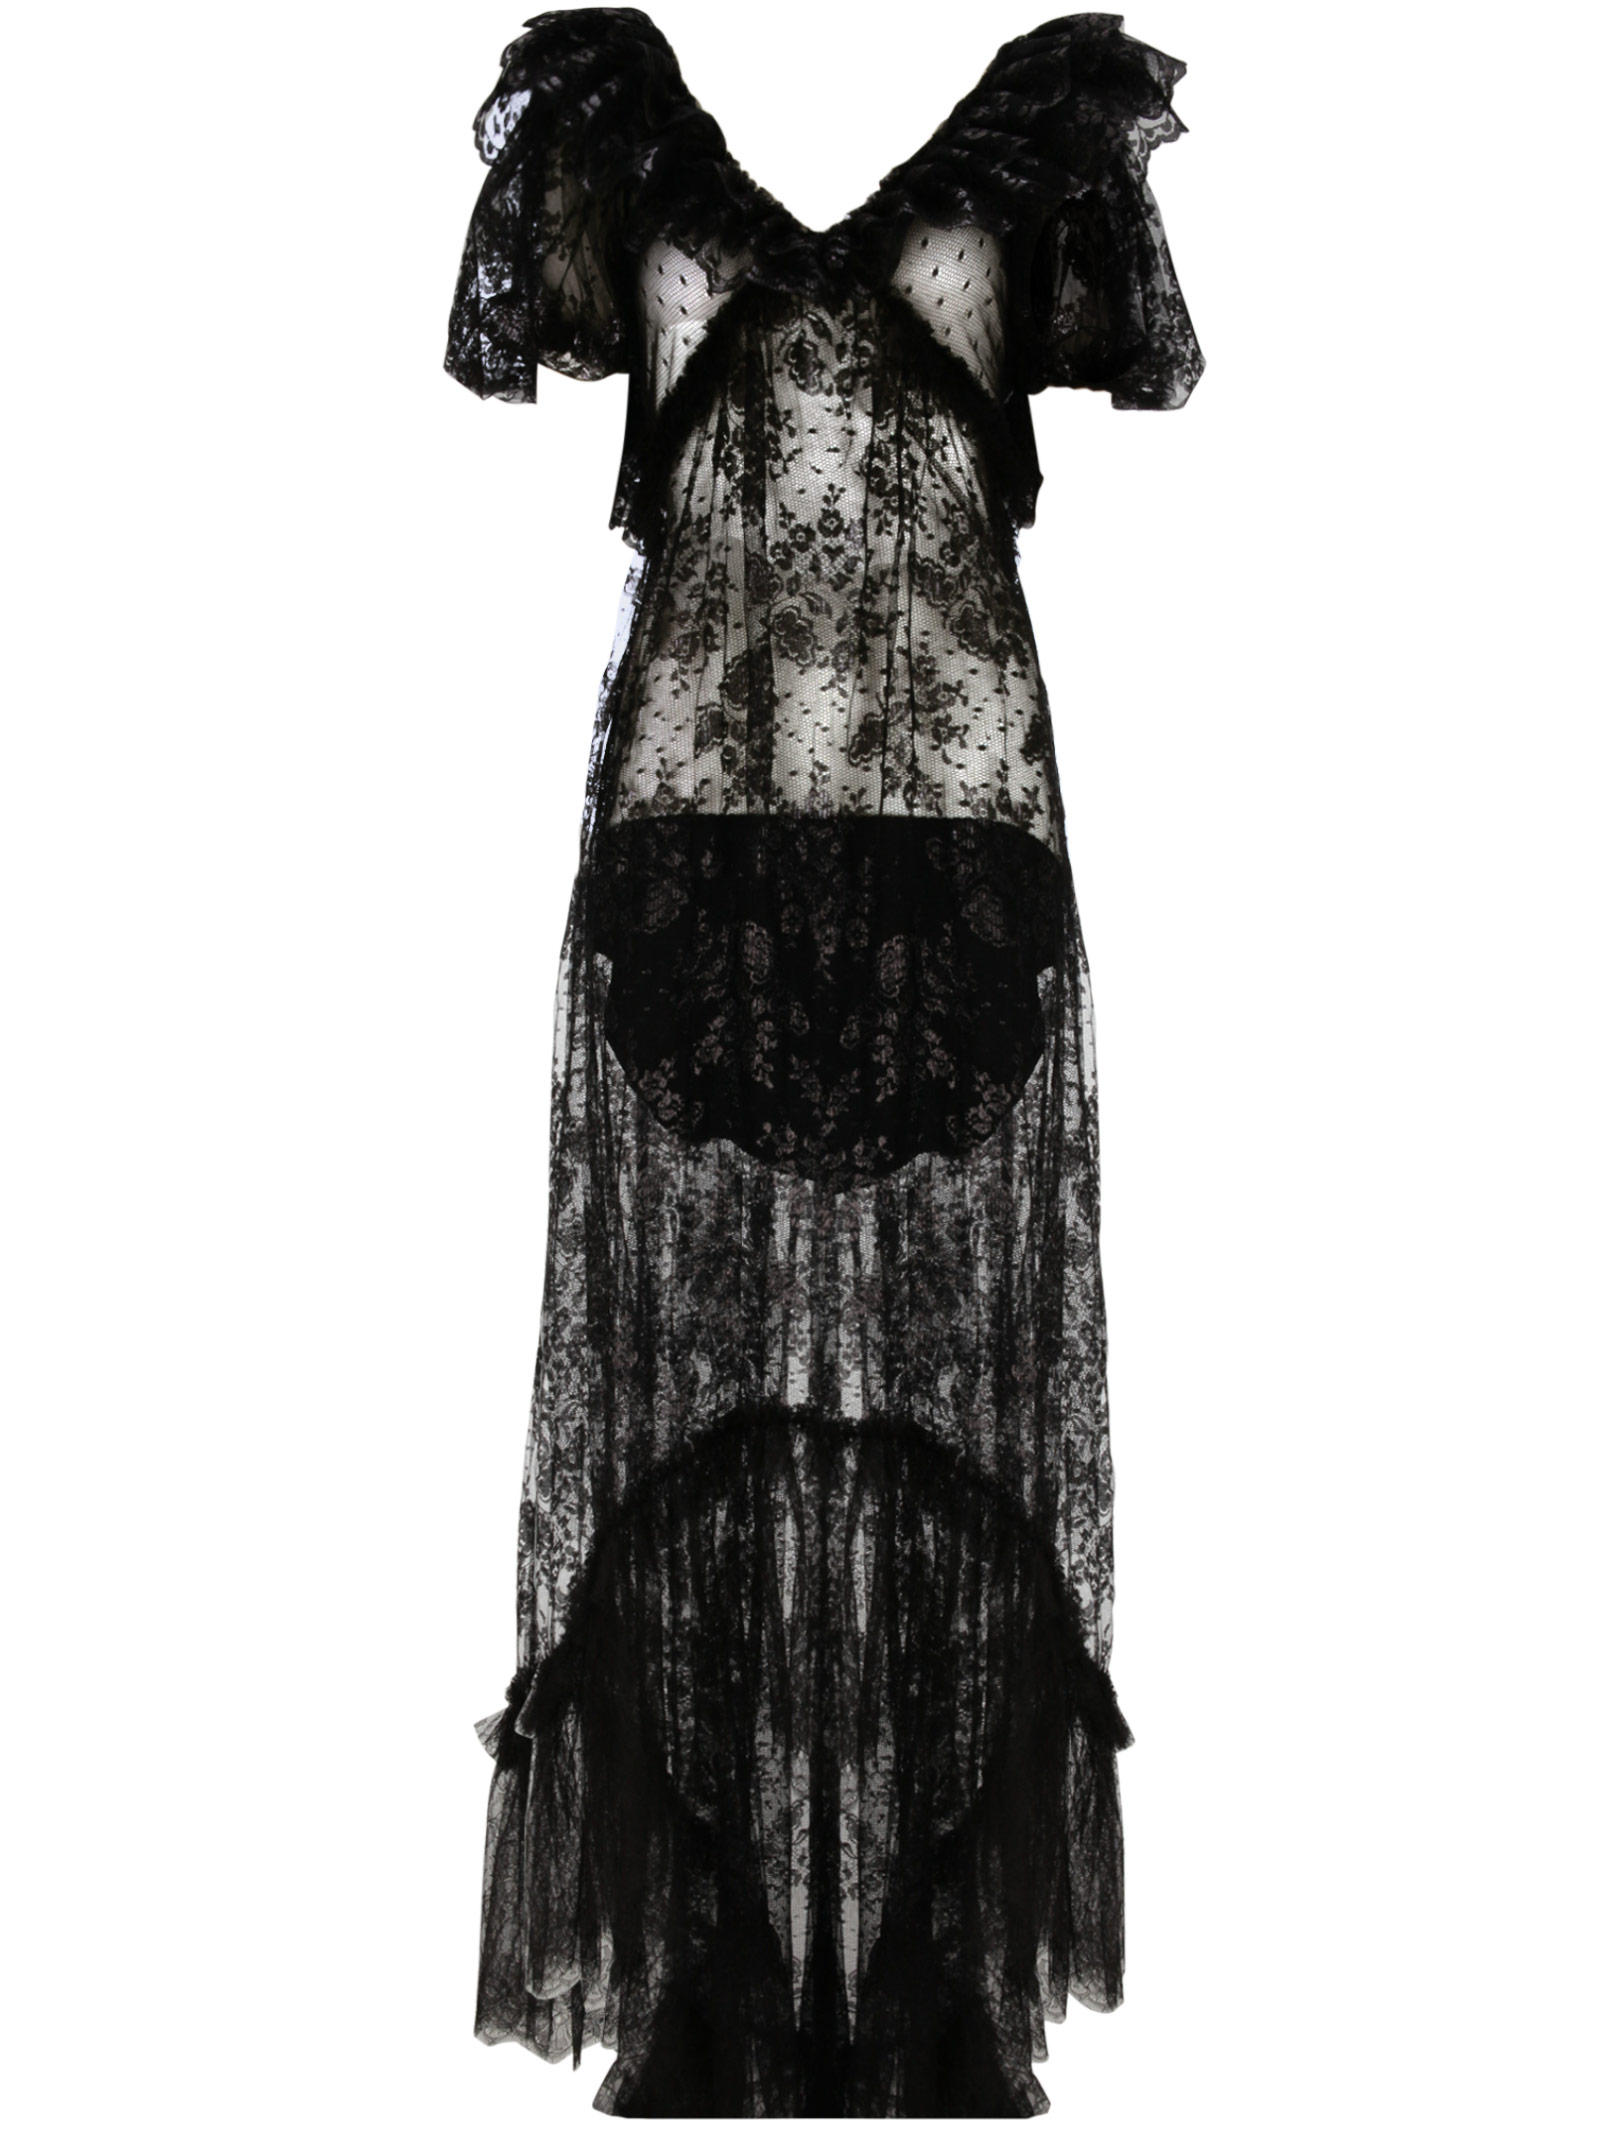 Redemption dress